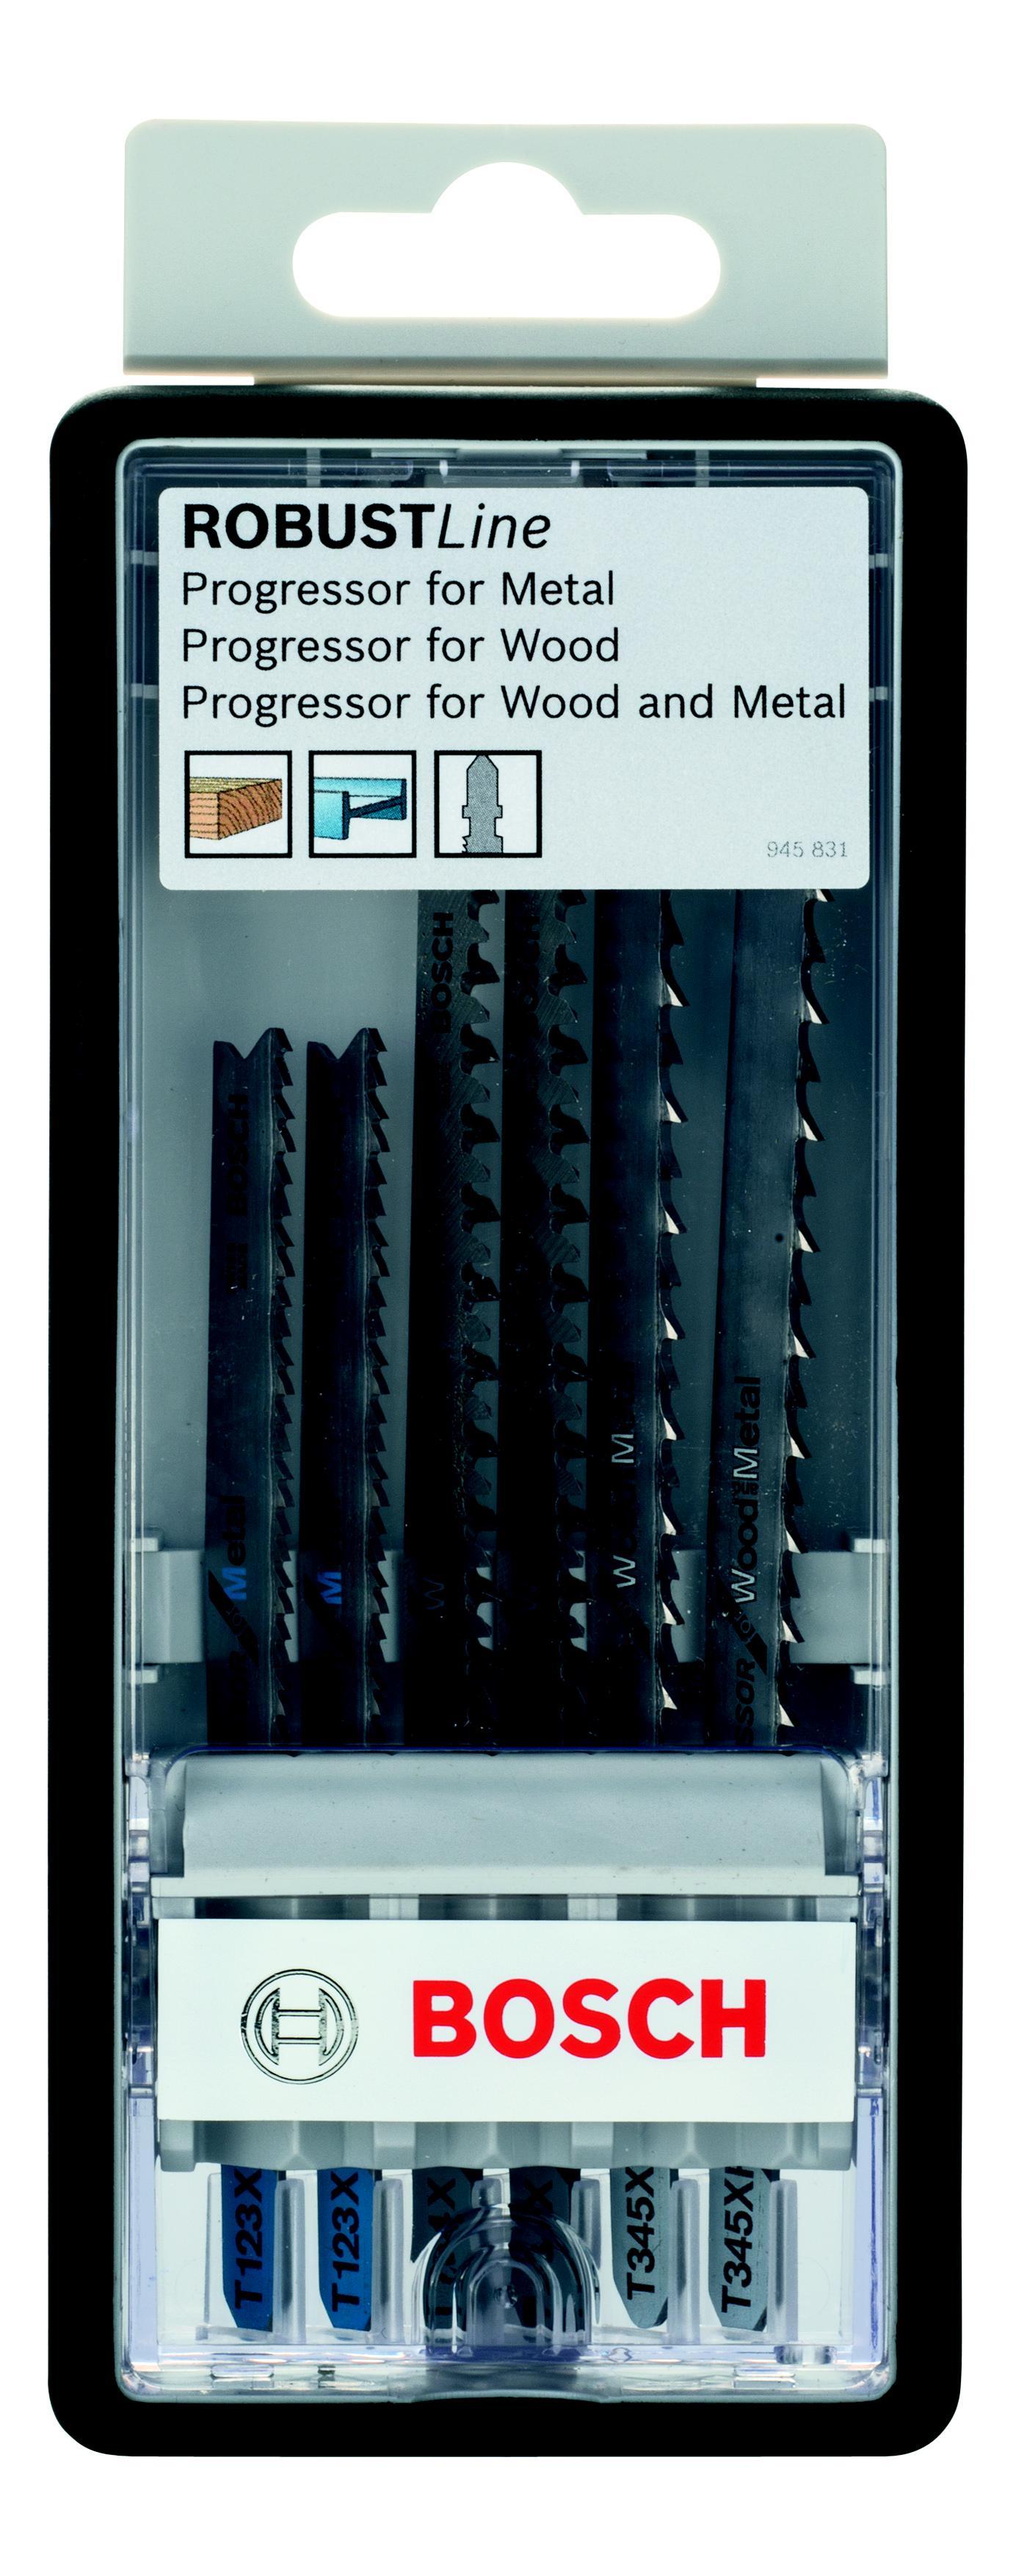 цена на Набор пилок Bosch Progressor t (2.607.010.531)